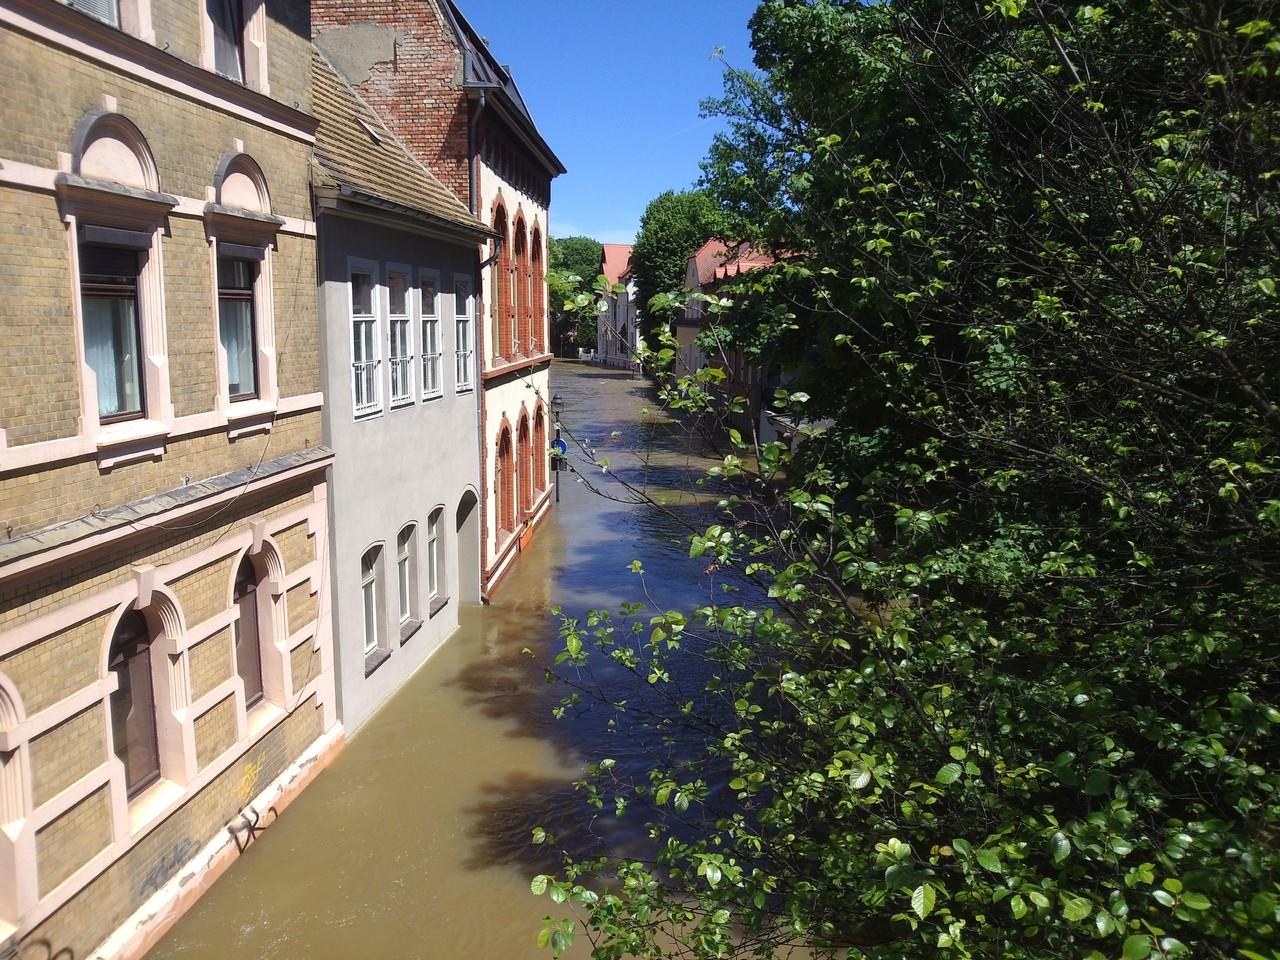 Talstraße neben der Kröllwitzer Brücke - Die erste Etage steht komplett unter Wasser, die Fenster oberhalb des Wassers sind eigentlich die 2 Etage